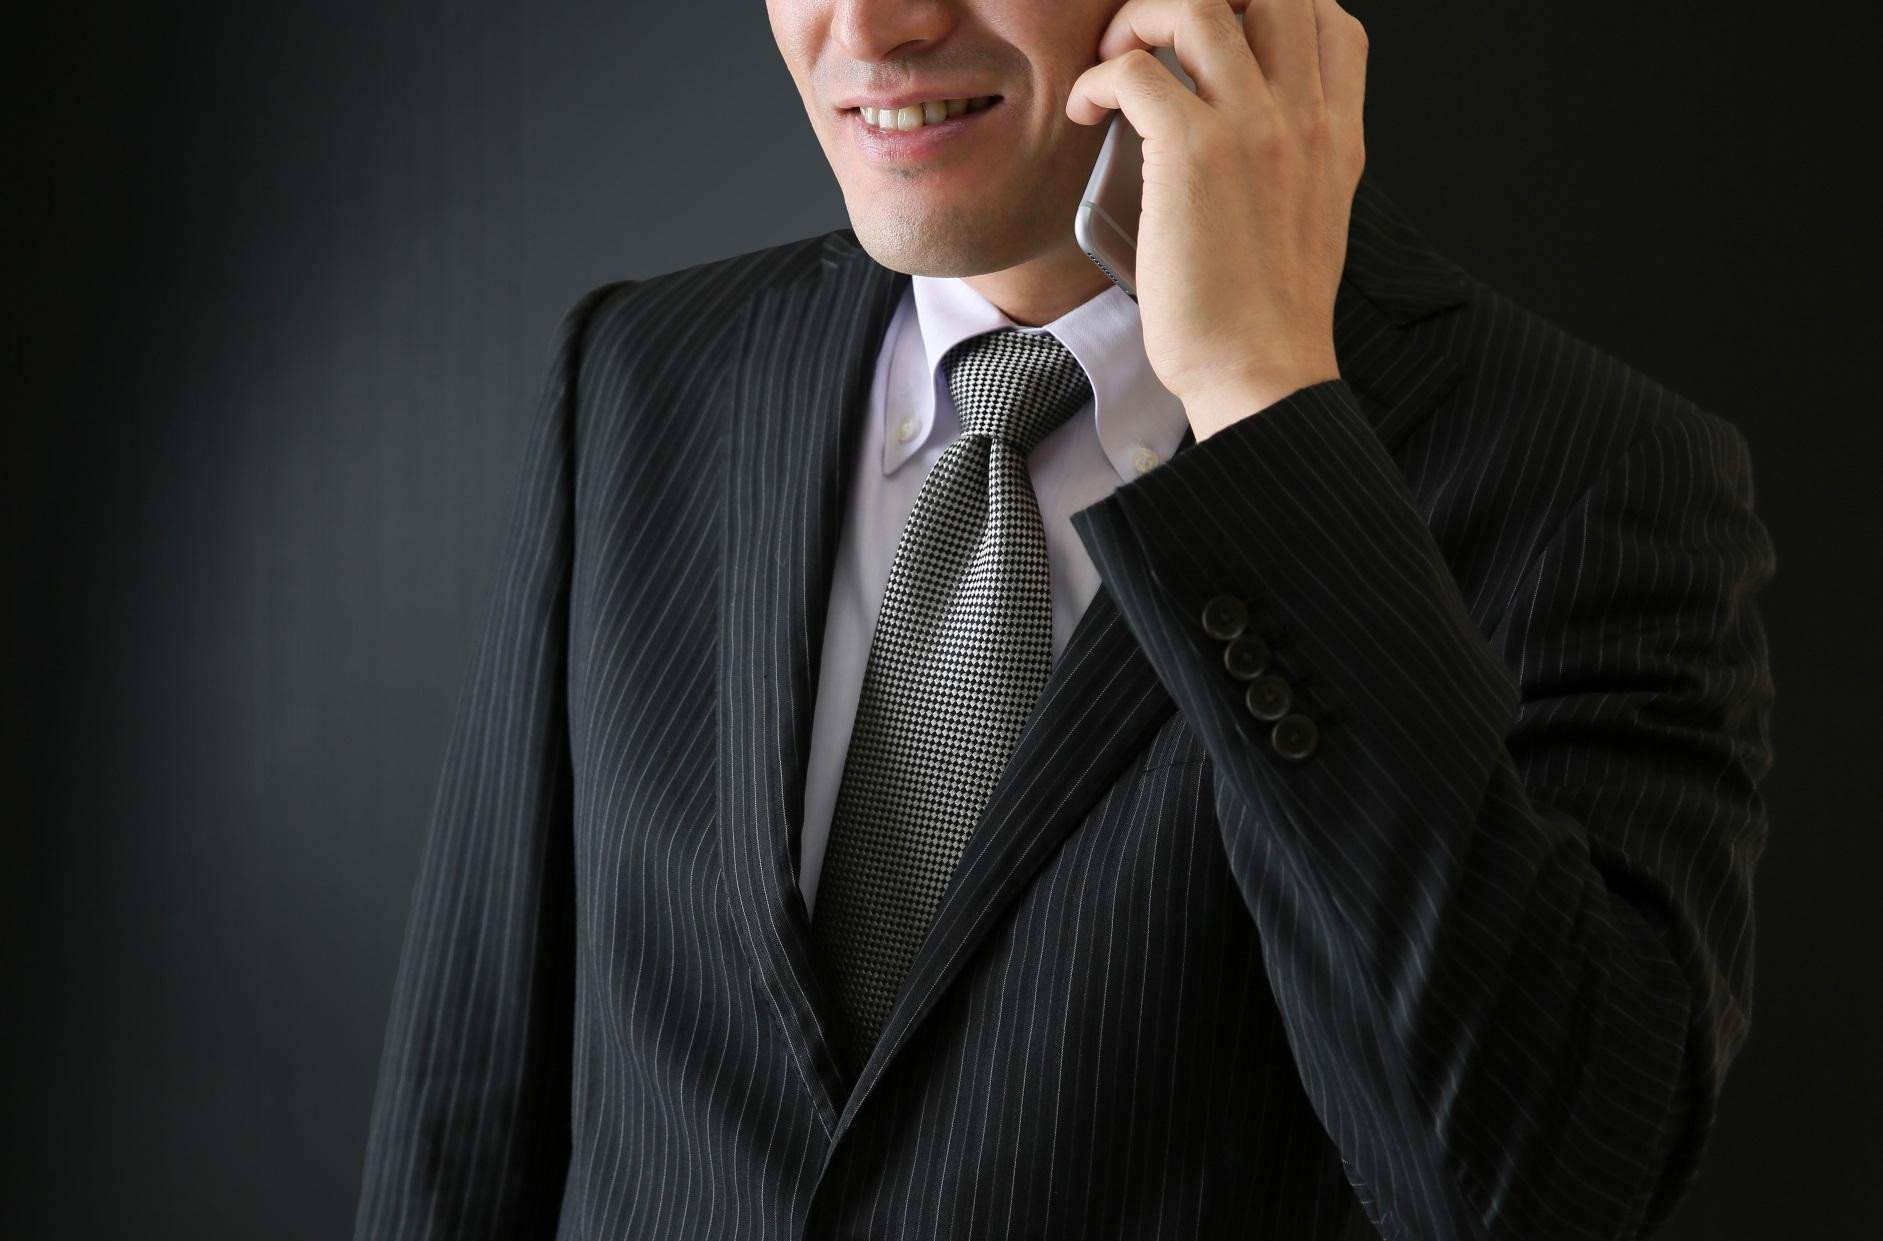 退職代行サービスに詐欺や怪しい業者はあるのか